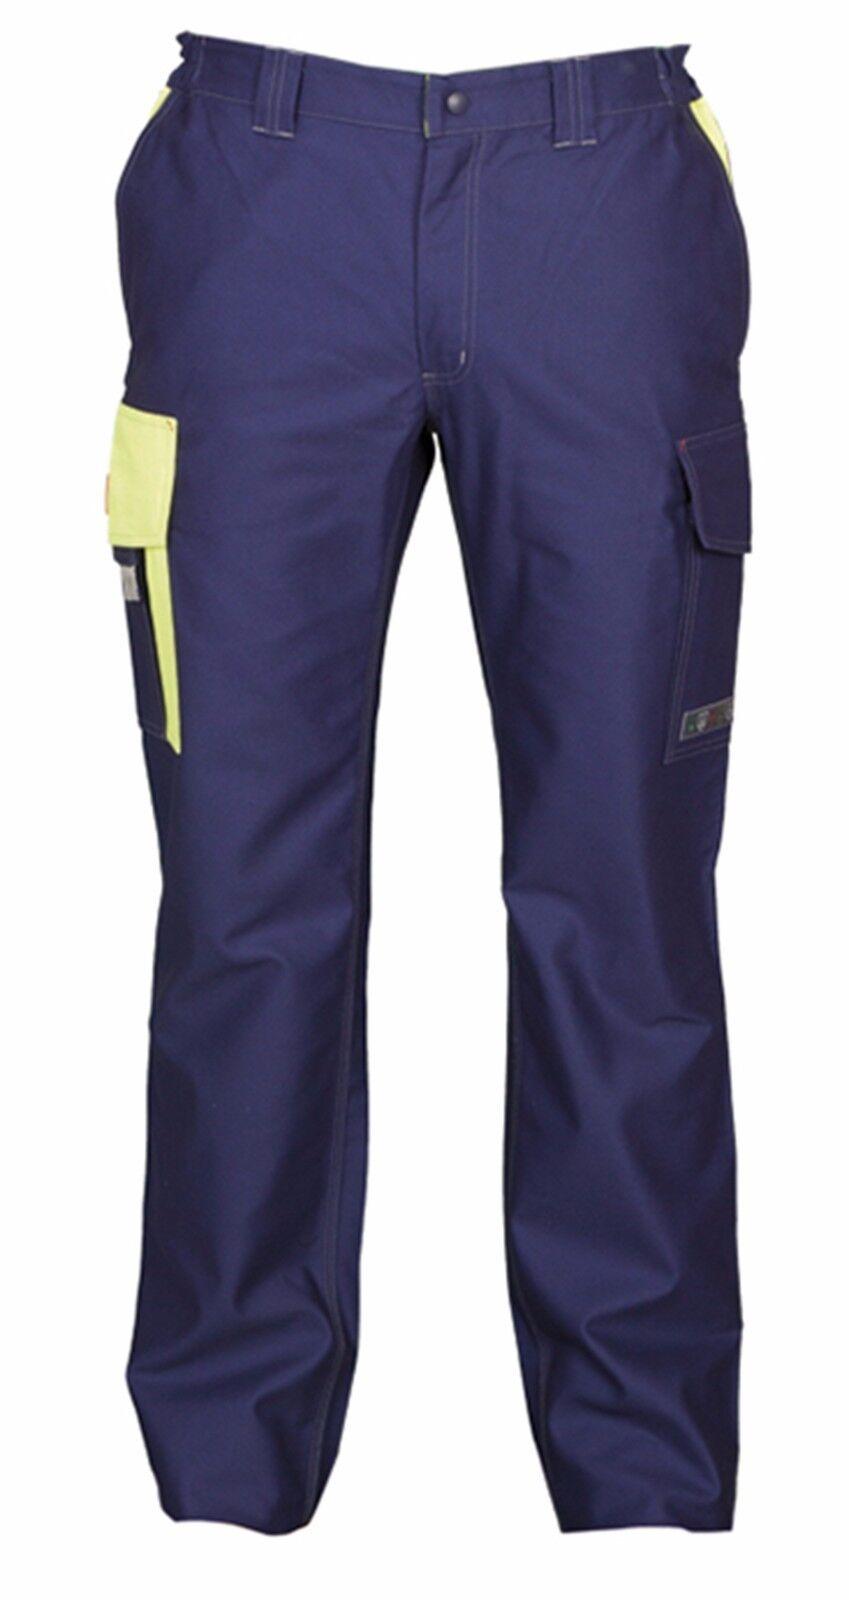 Pantalone da da da Lavoro Invernale Ignifugo Defender plus Payper cotone tasche fabbro df2f1b